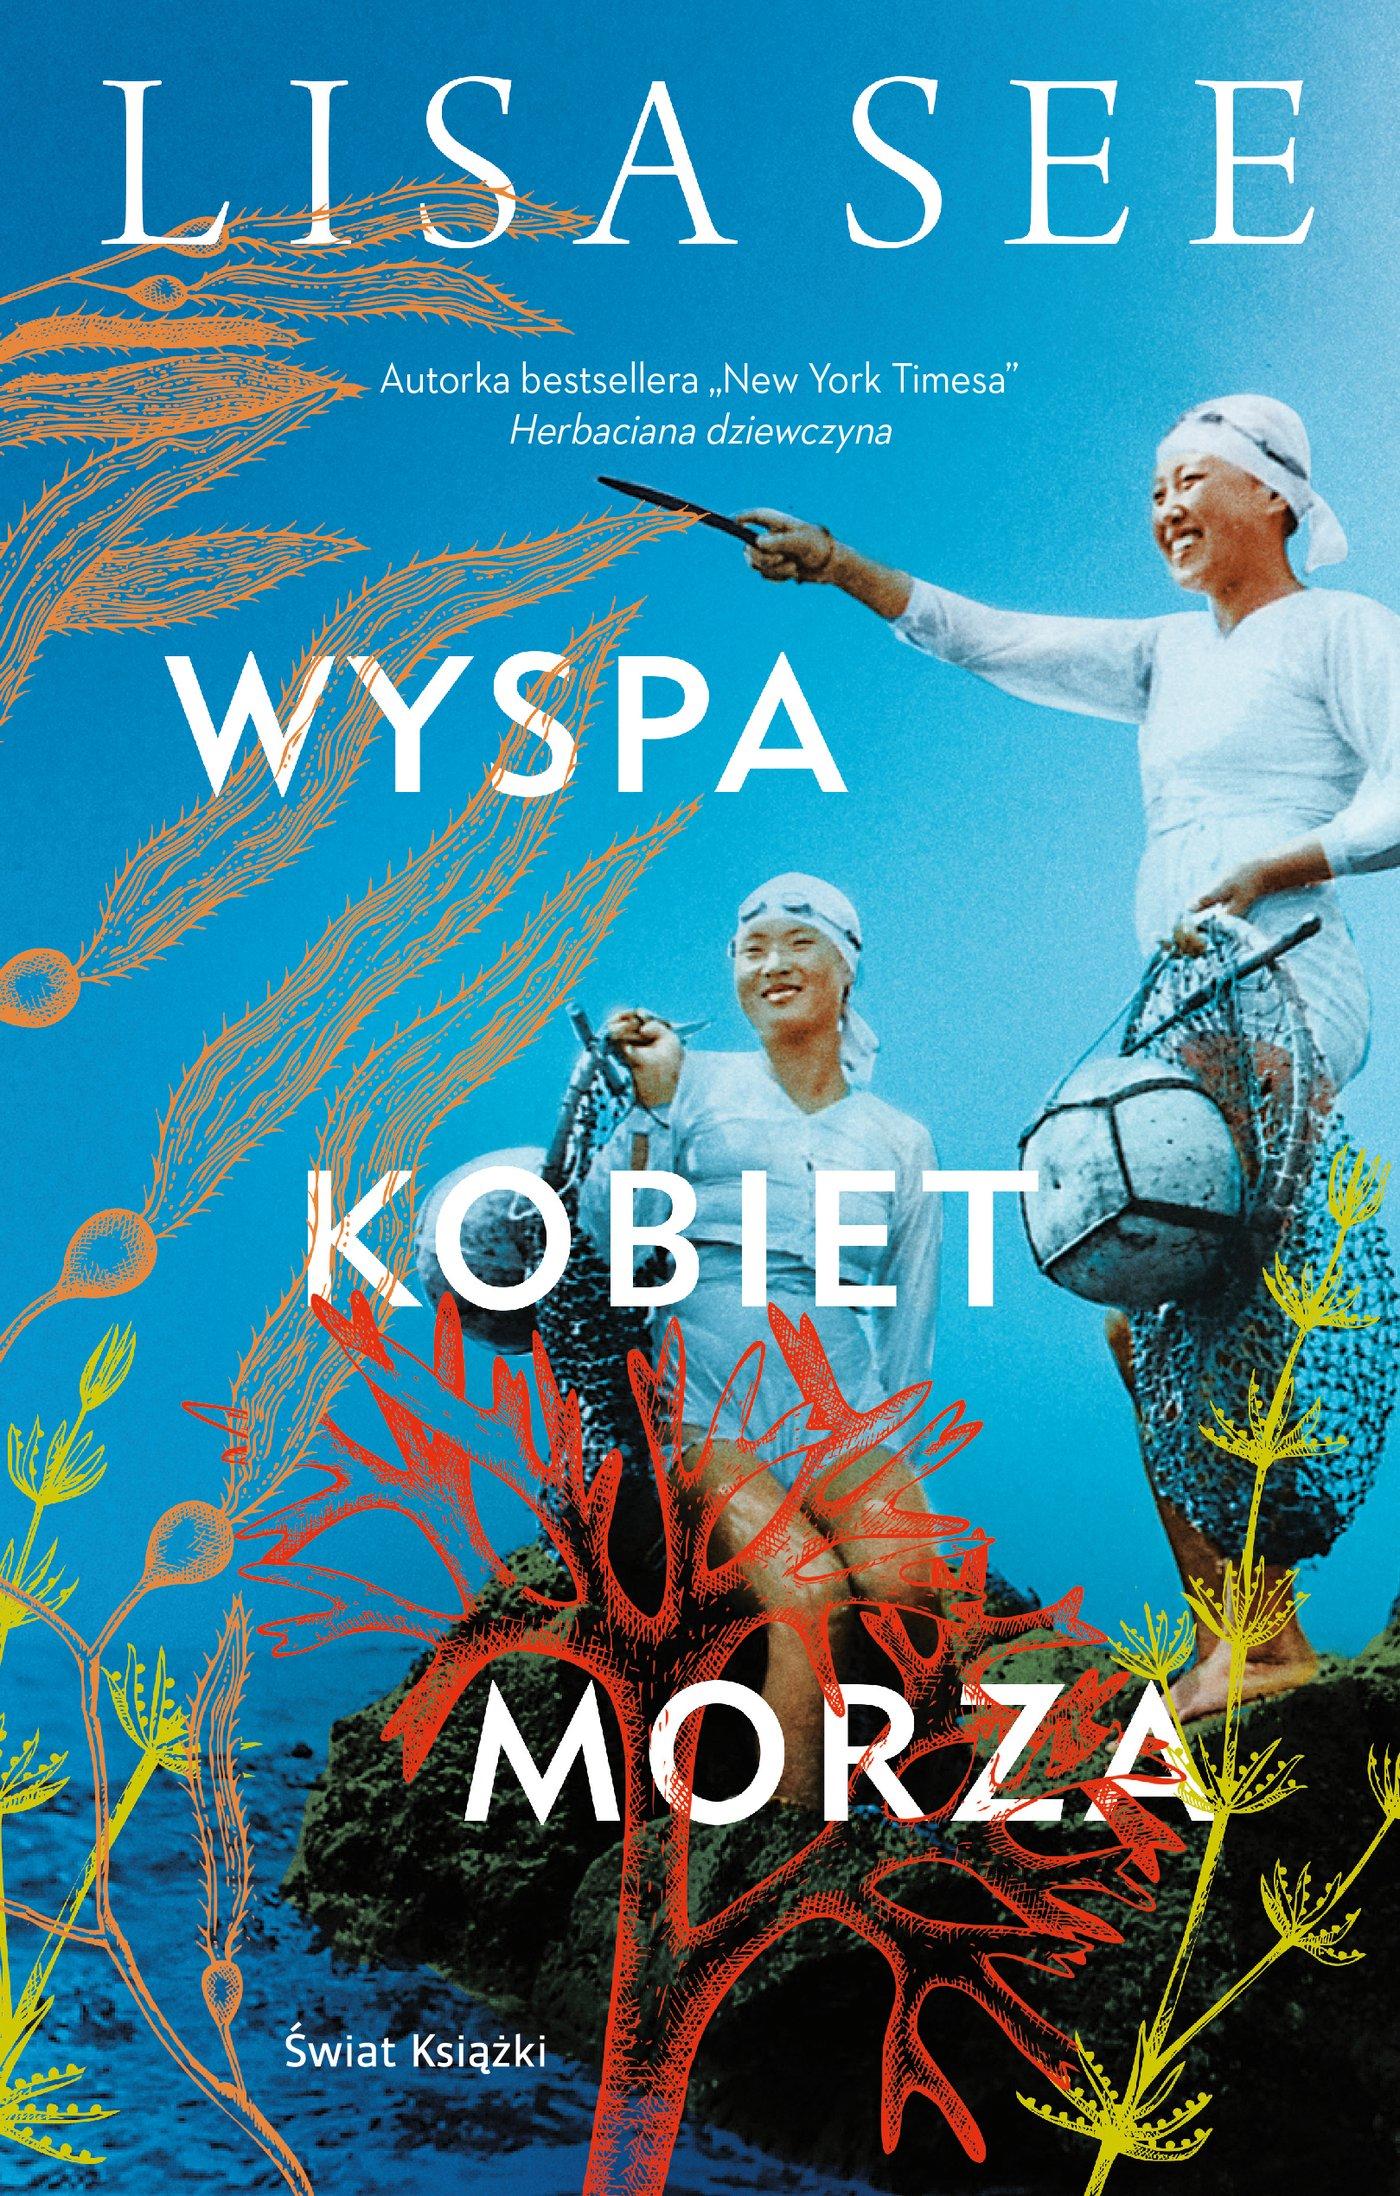 Wyspa kobiet morza - Ebook (Książka na Kindle) do pobrania w formacie MOBI